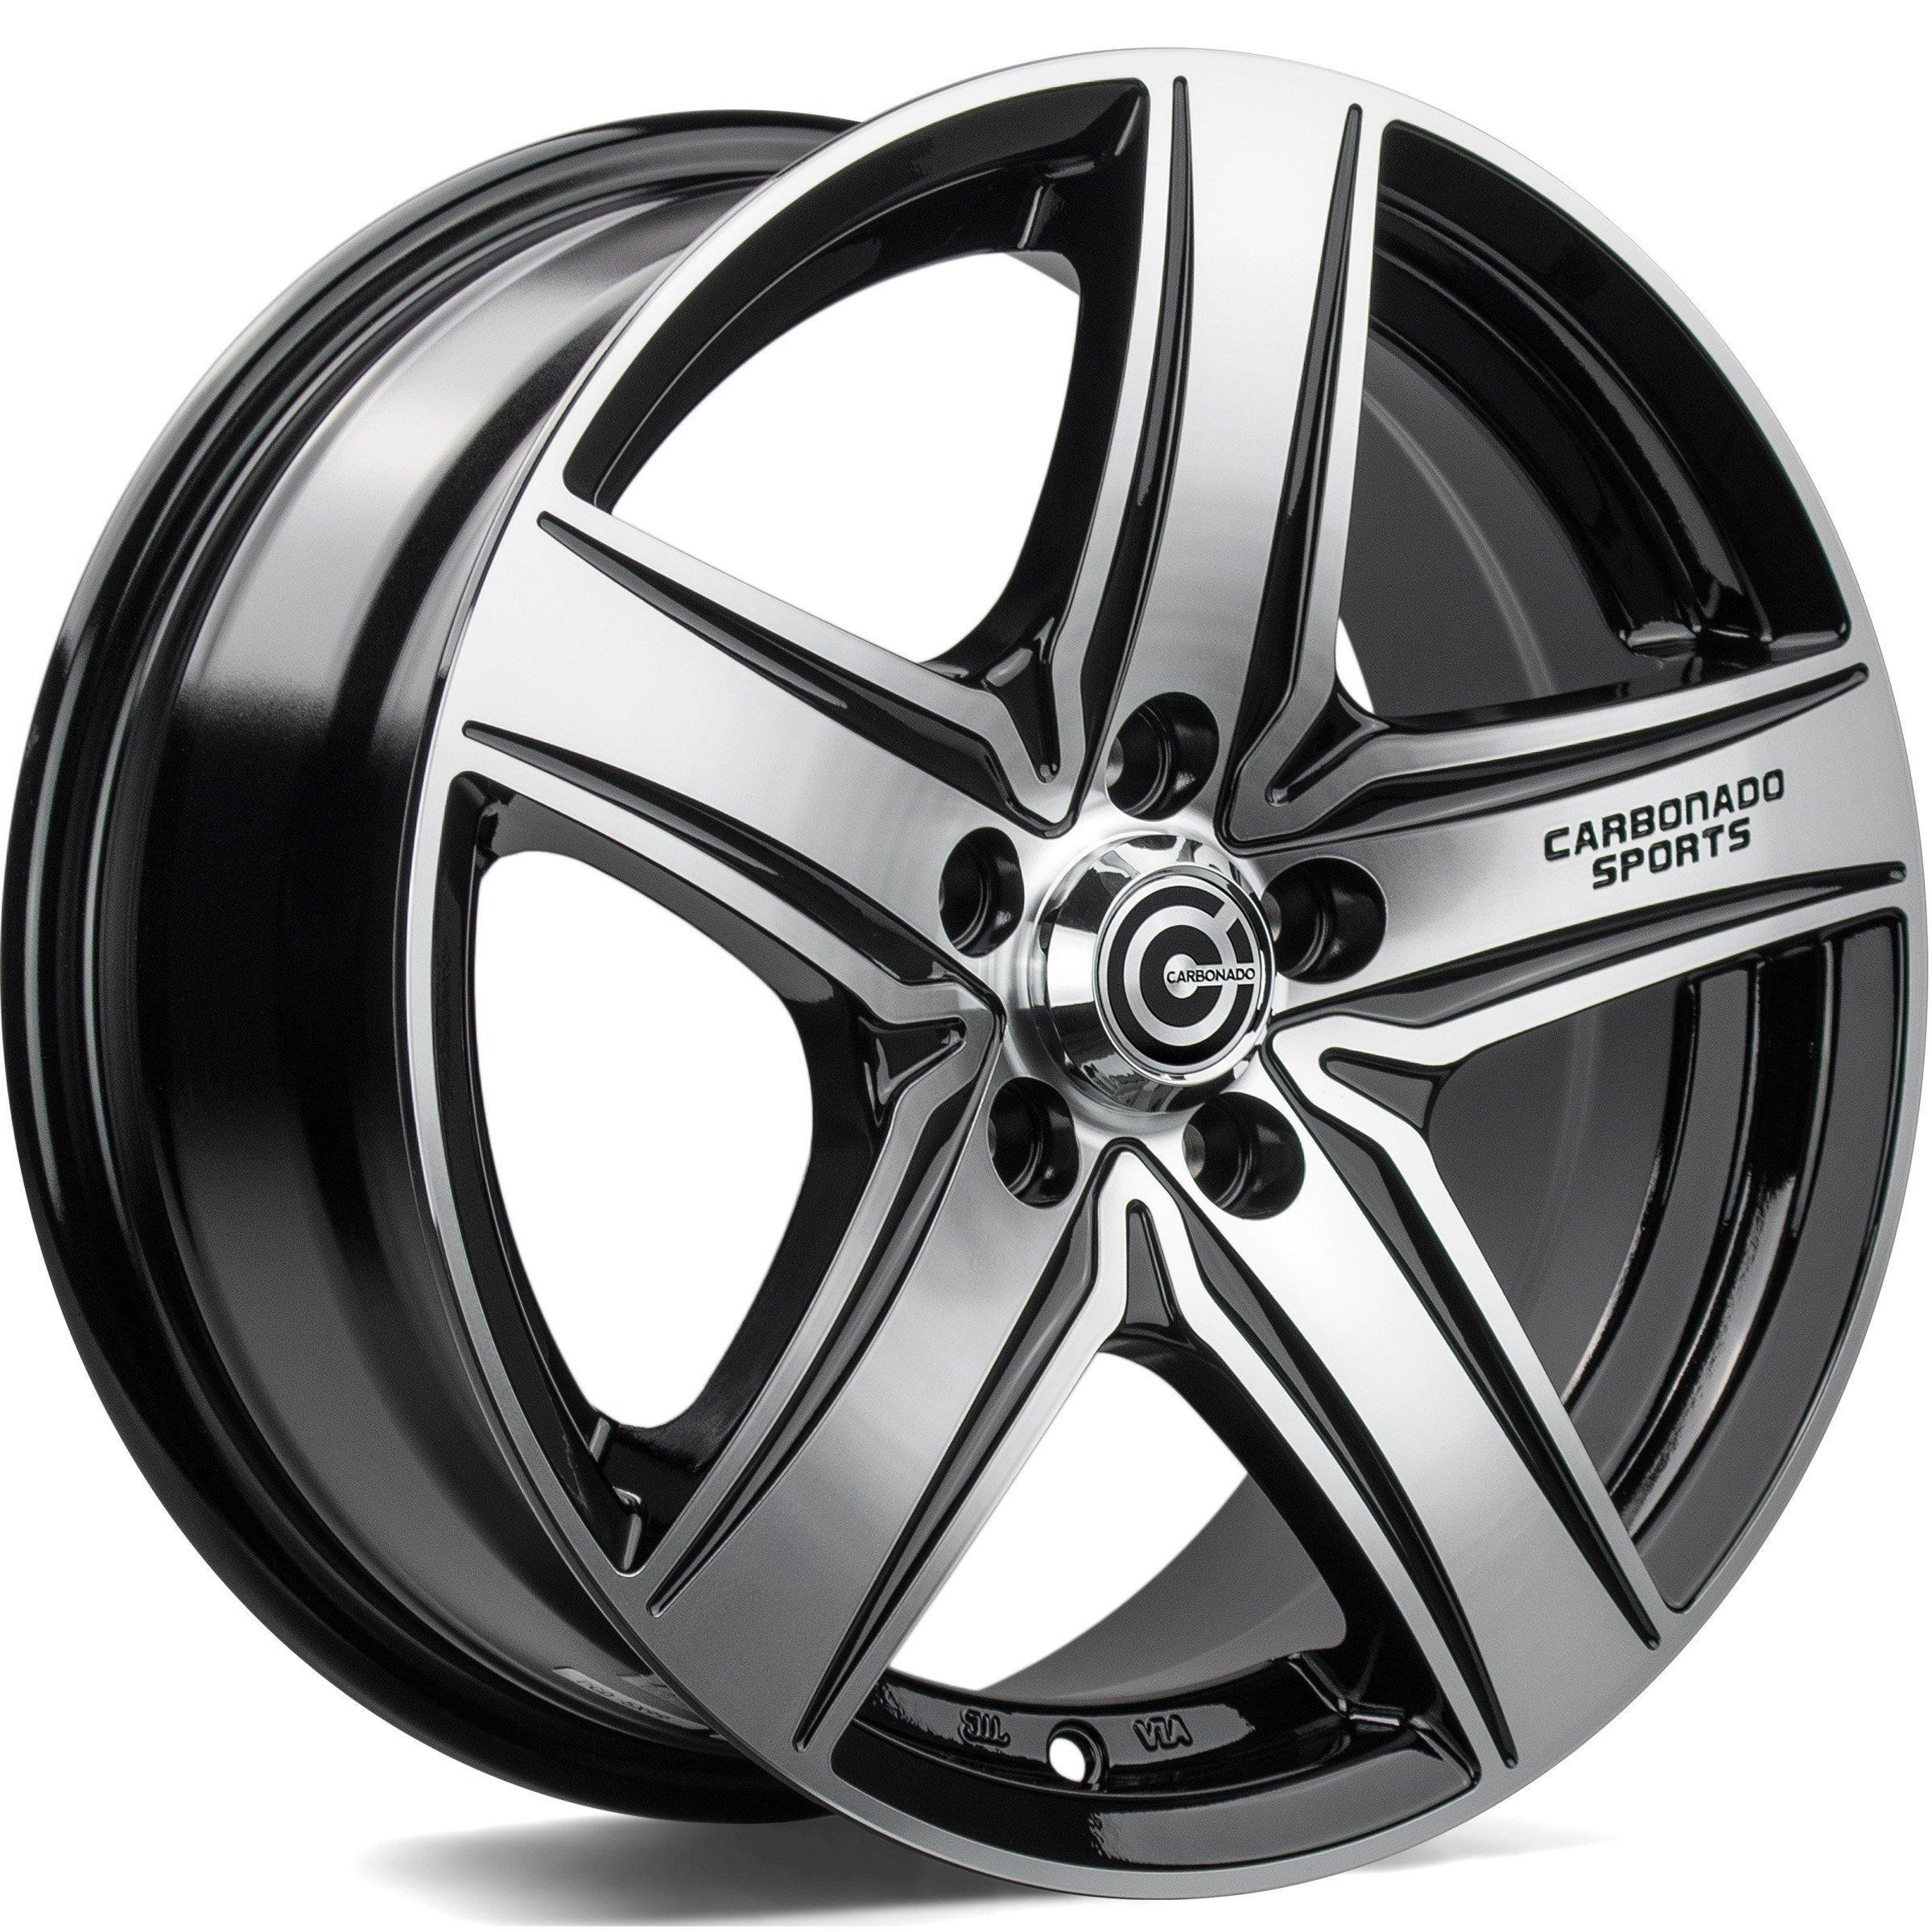 CARBONADO GTR Sports 1 hliníkové disky 6,5x15 5x112 ET38 Black Front Polished